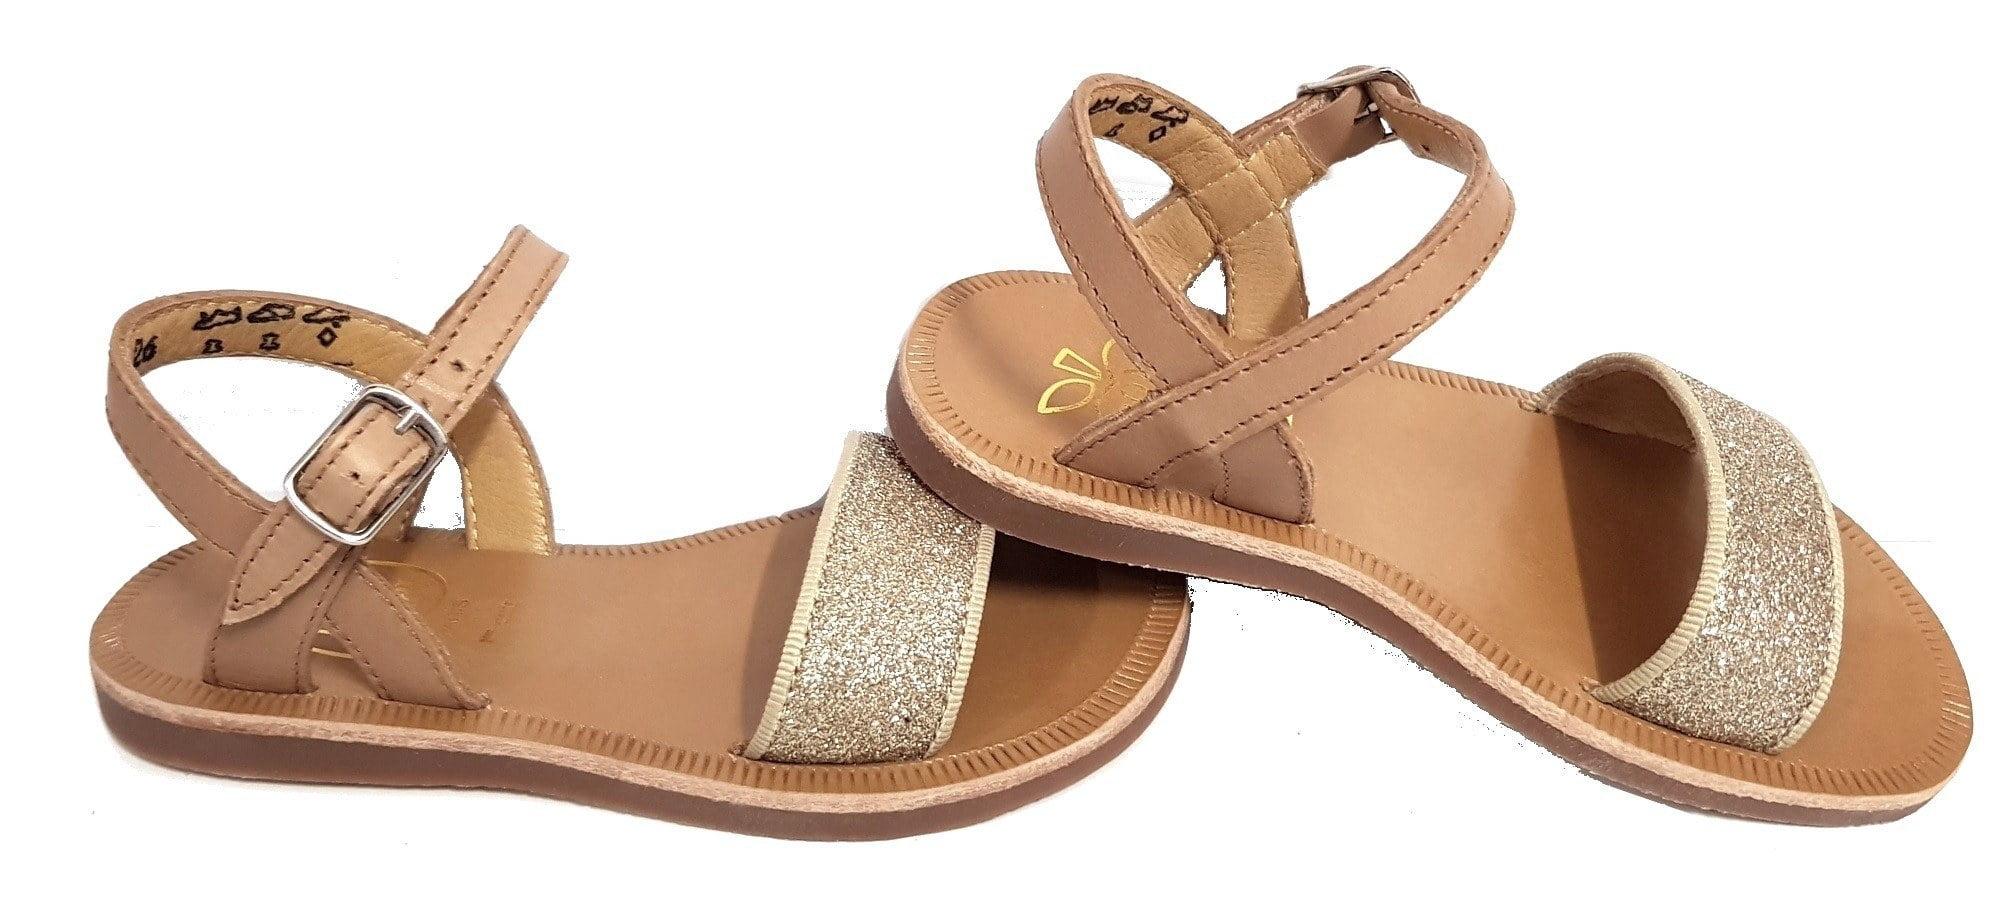 Un mix de cuir camel et irisé glitter pour la sandale Plagette Bucle Tao fermée par 1 bride à boucle